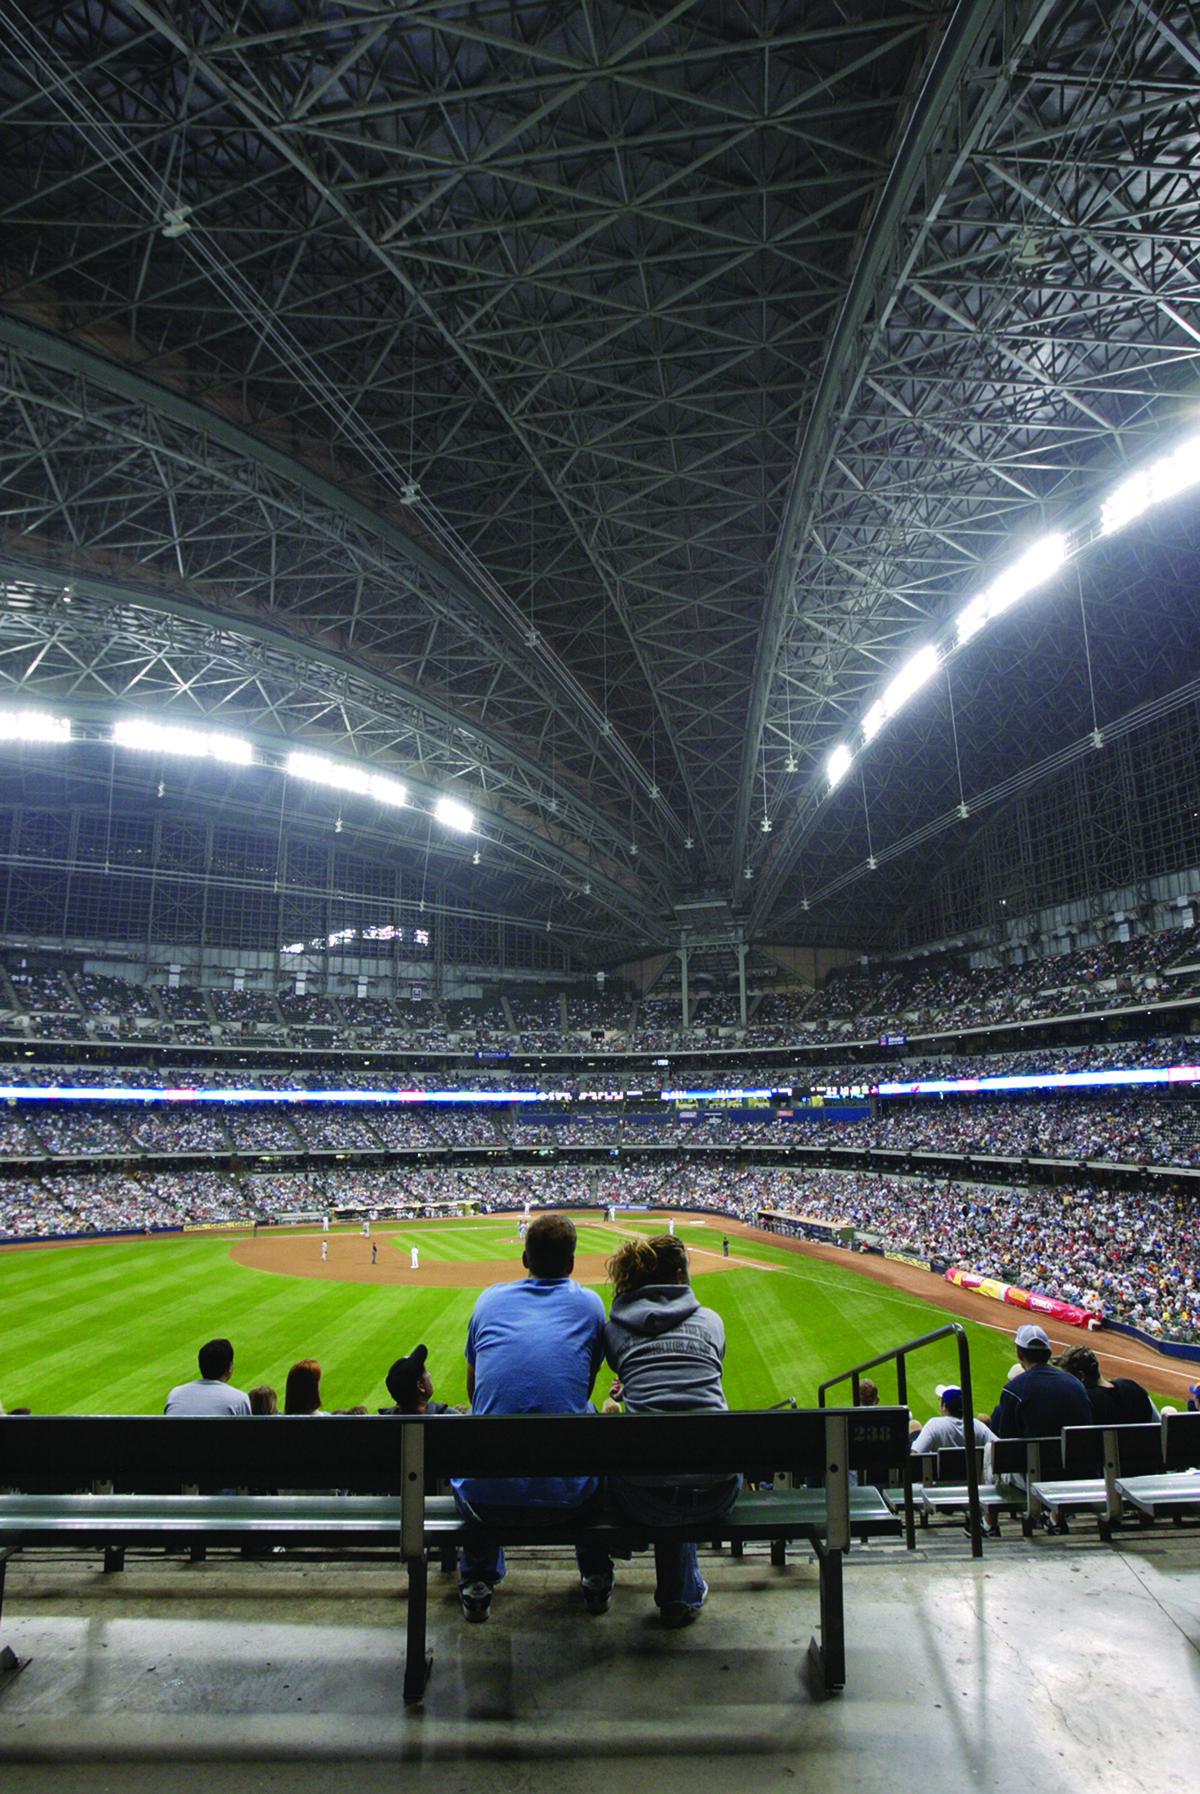 Minute Maid Park Houston Astros Ballpark Ballparks Of Baseball Minute Maid Park Minute Maid Park Houston Minute Maid